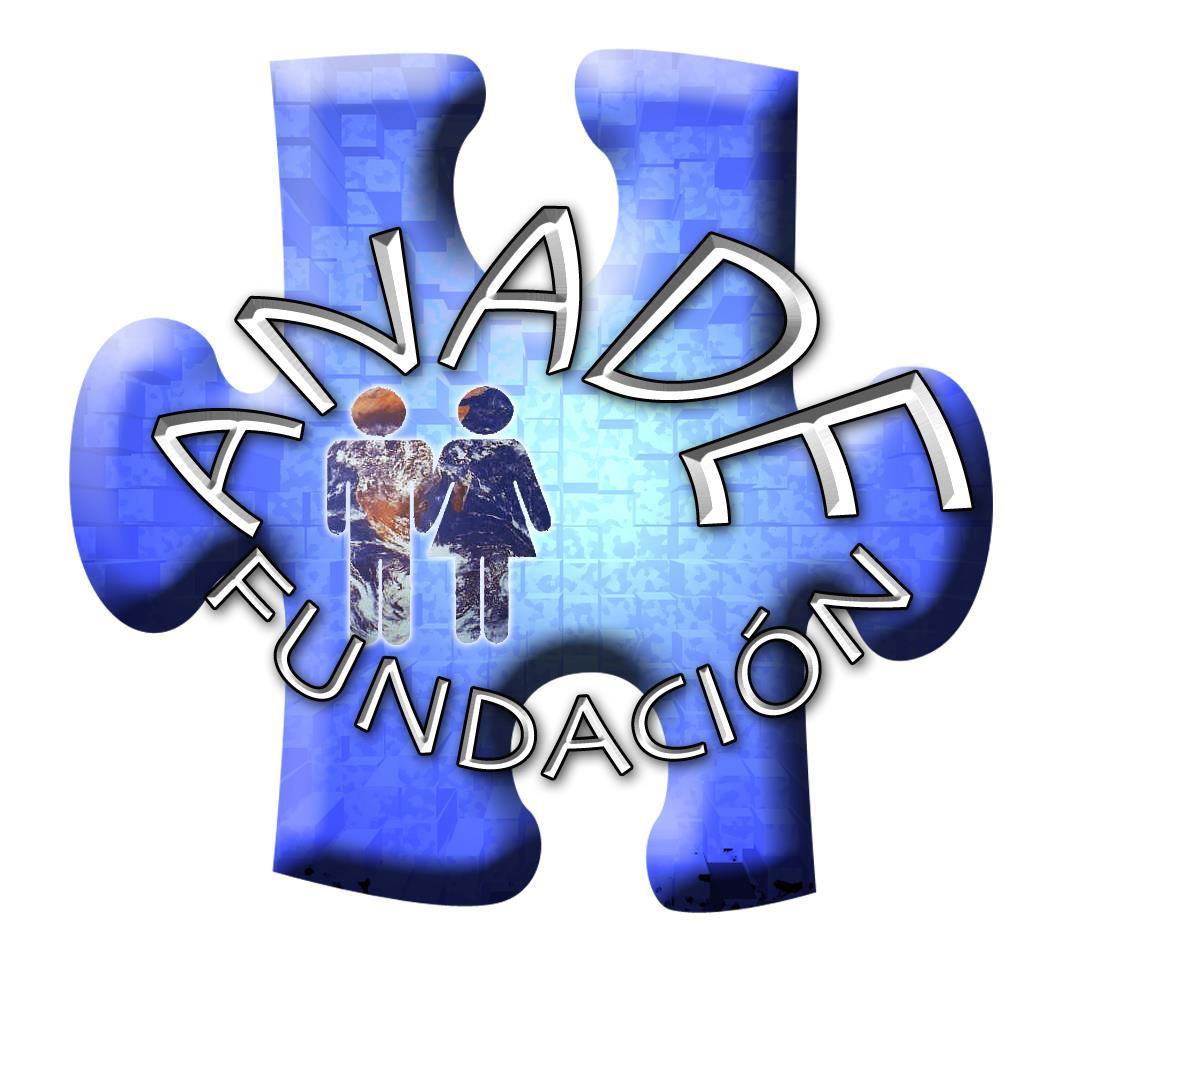 Fundacion Anade